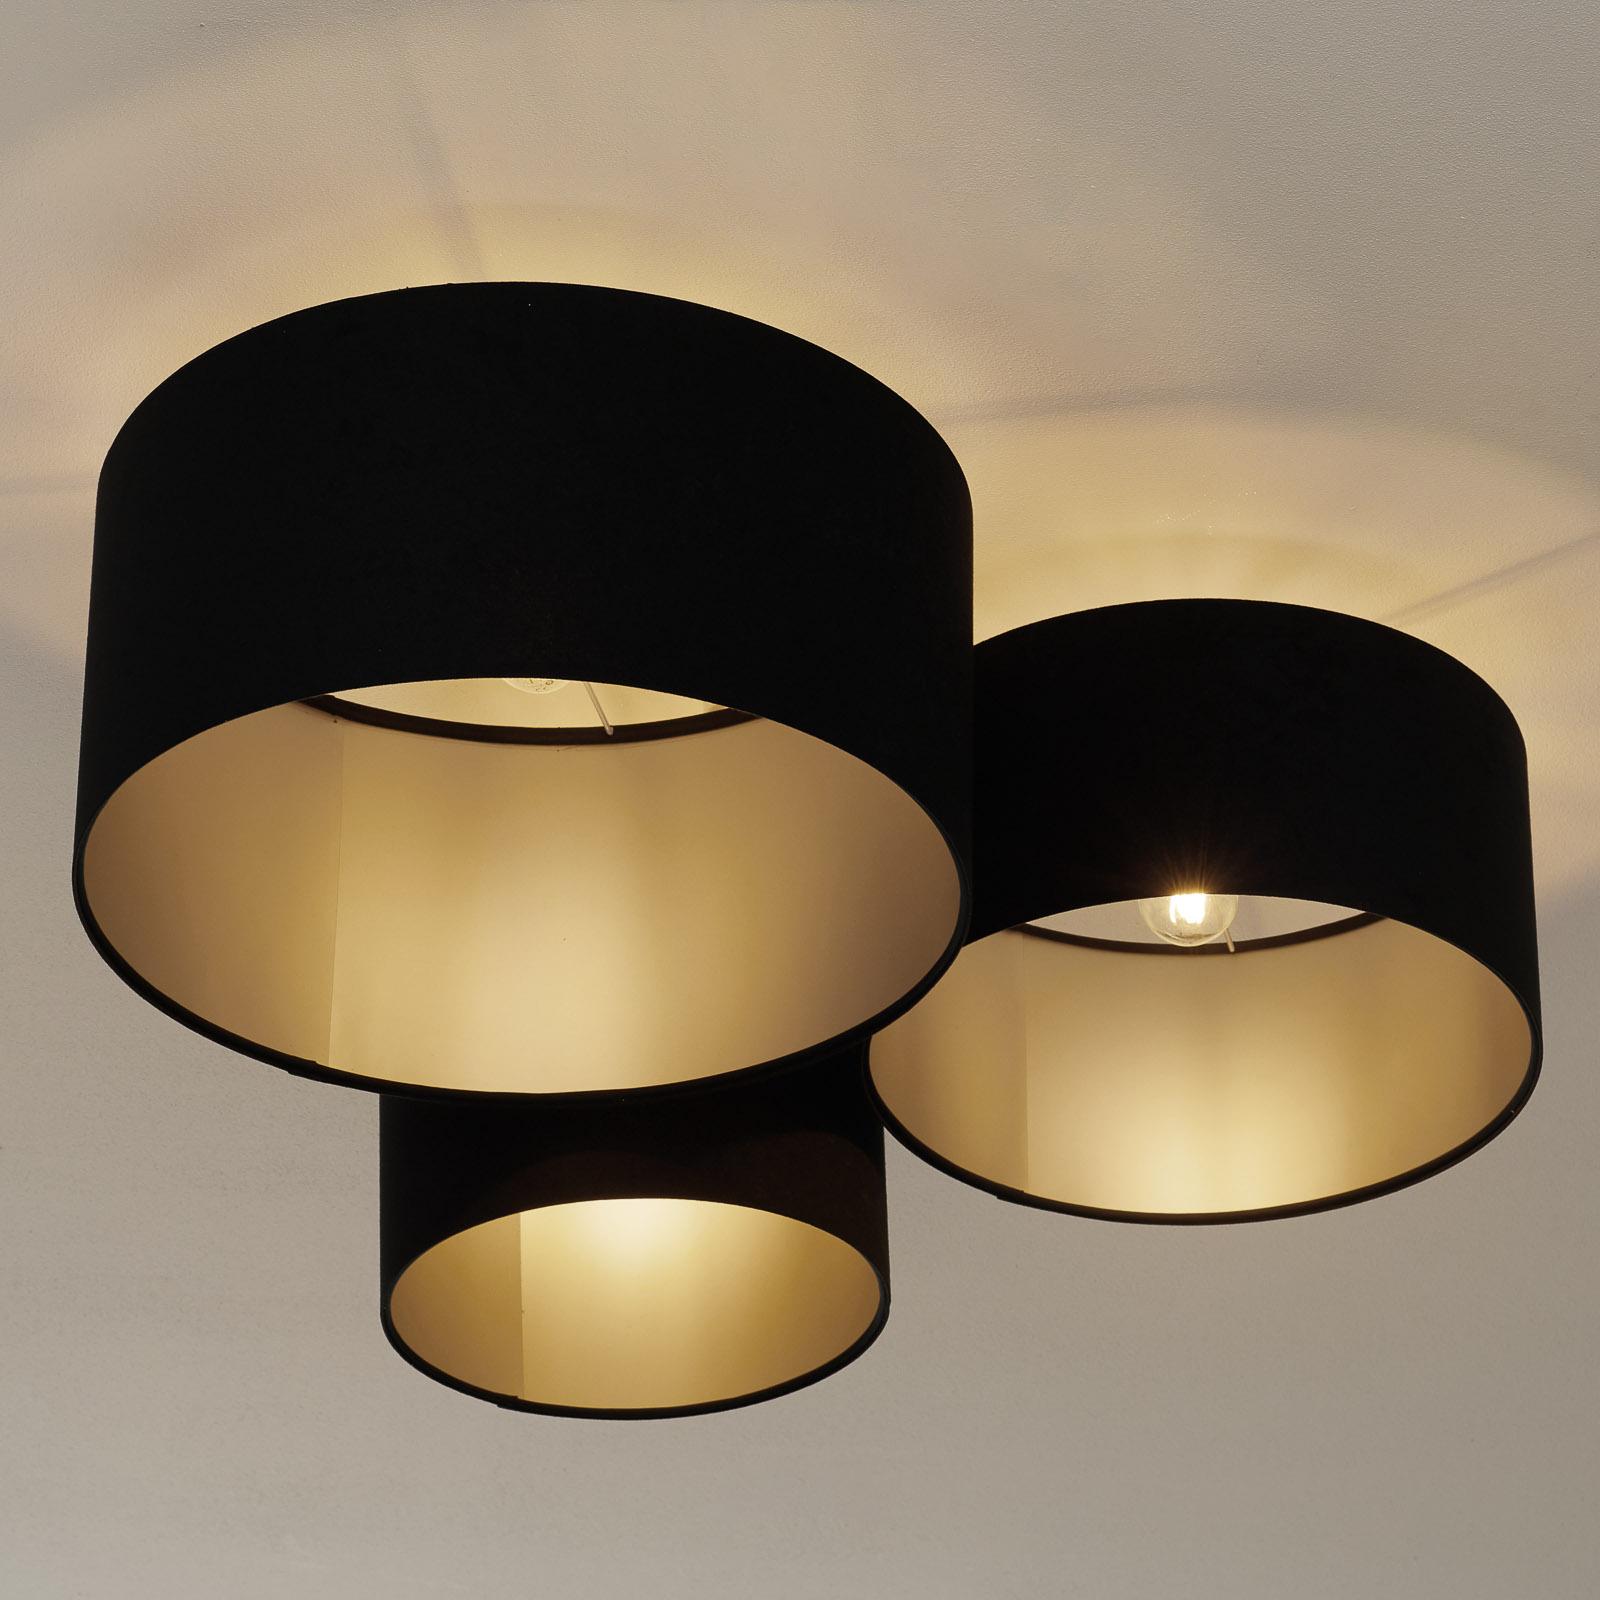 080-kattovalaisin, 3-lamppuinen, musta-hopea